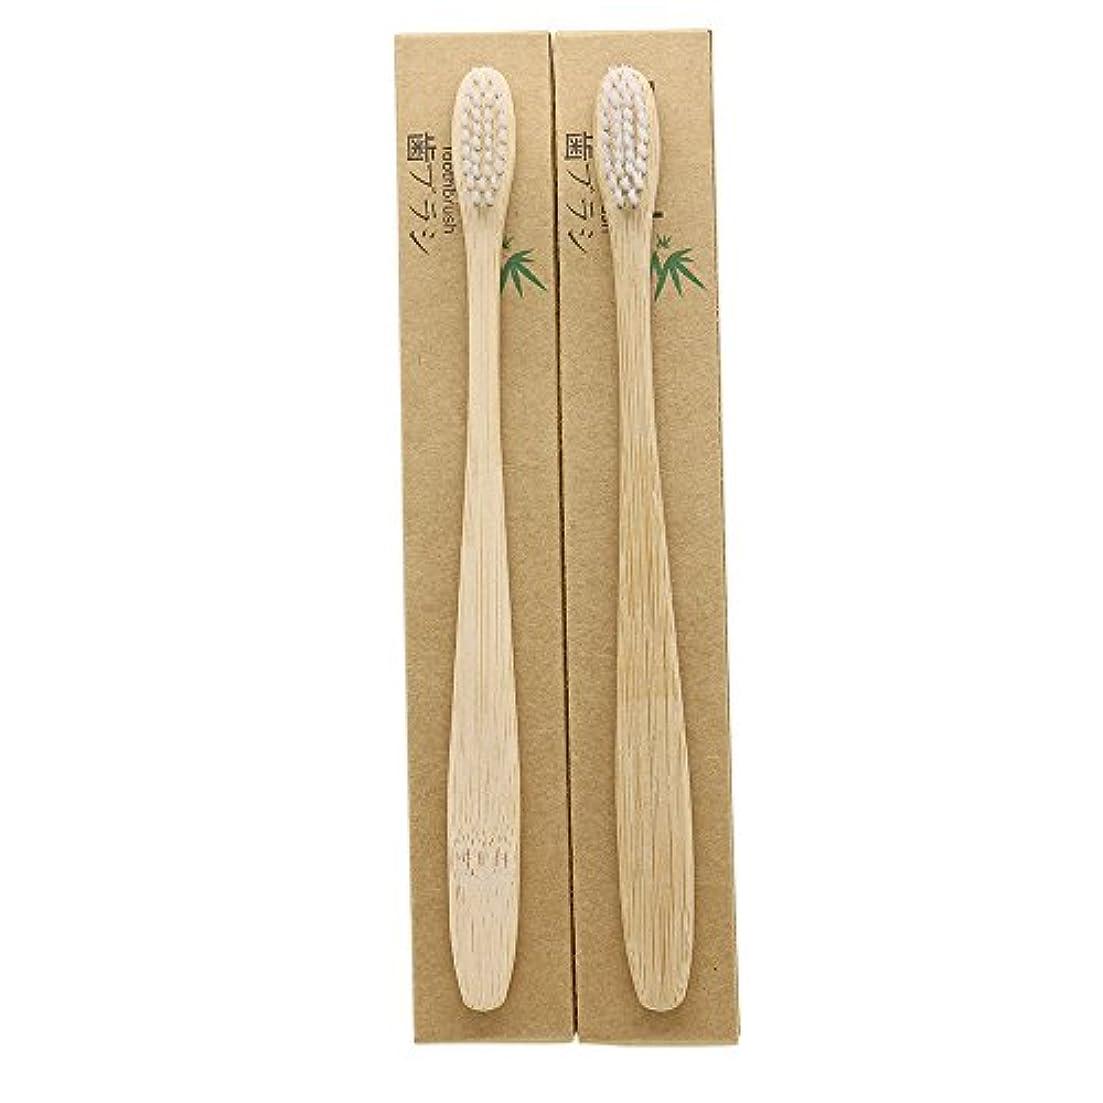 傾斜誓いためらうN-amboo 竹製耐久度高い 歯ブラシ 2本入り セット エコ ヘッド小さい 白い